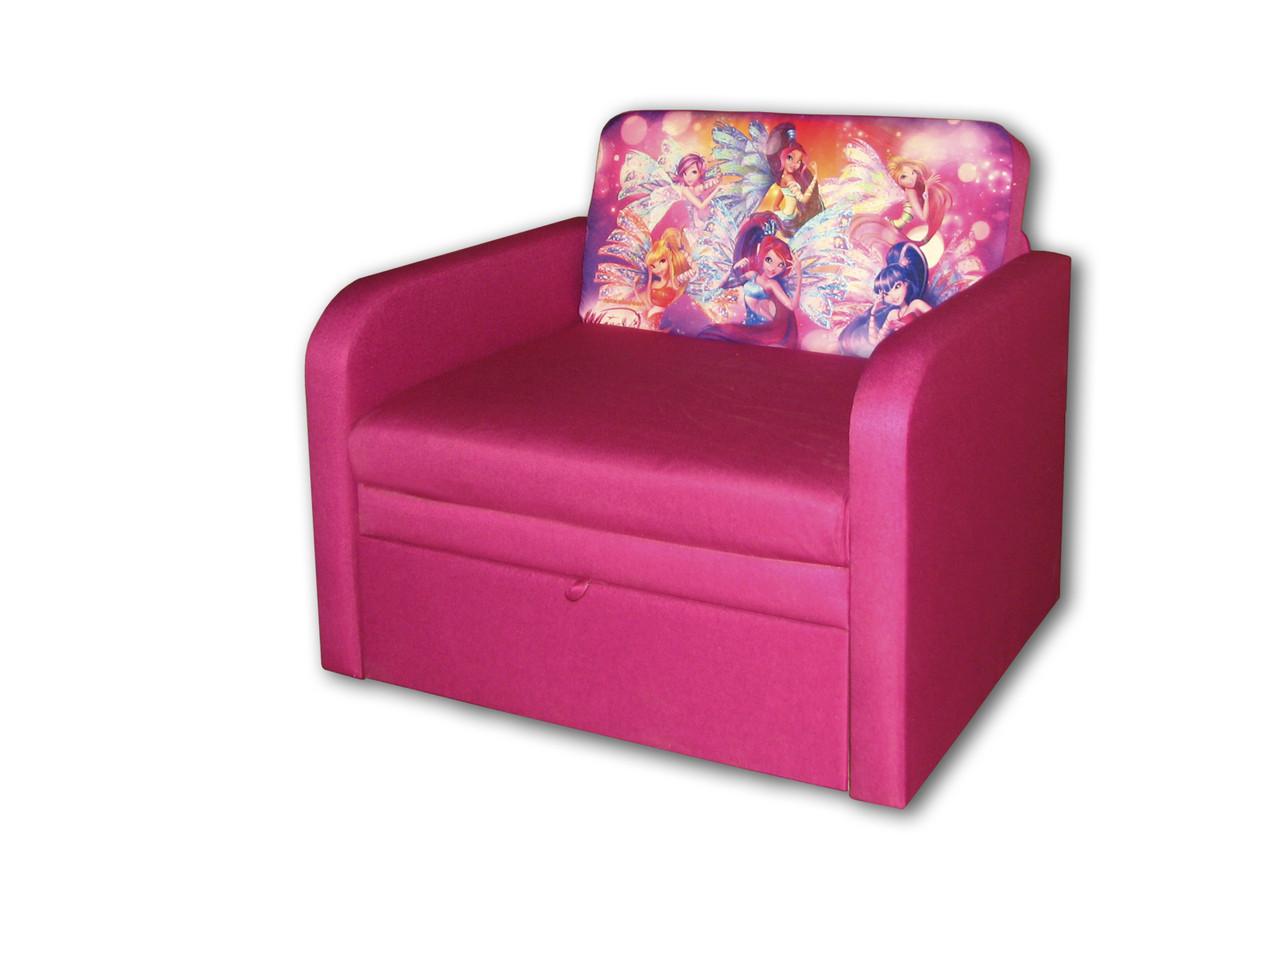 Кресло-кровать Вега-принт 0,8